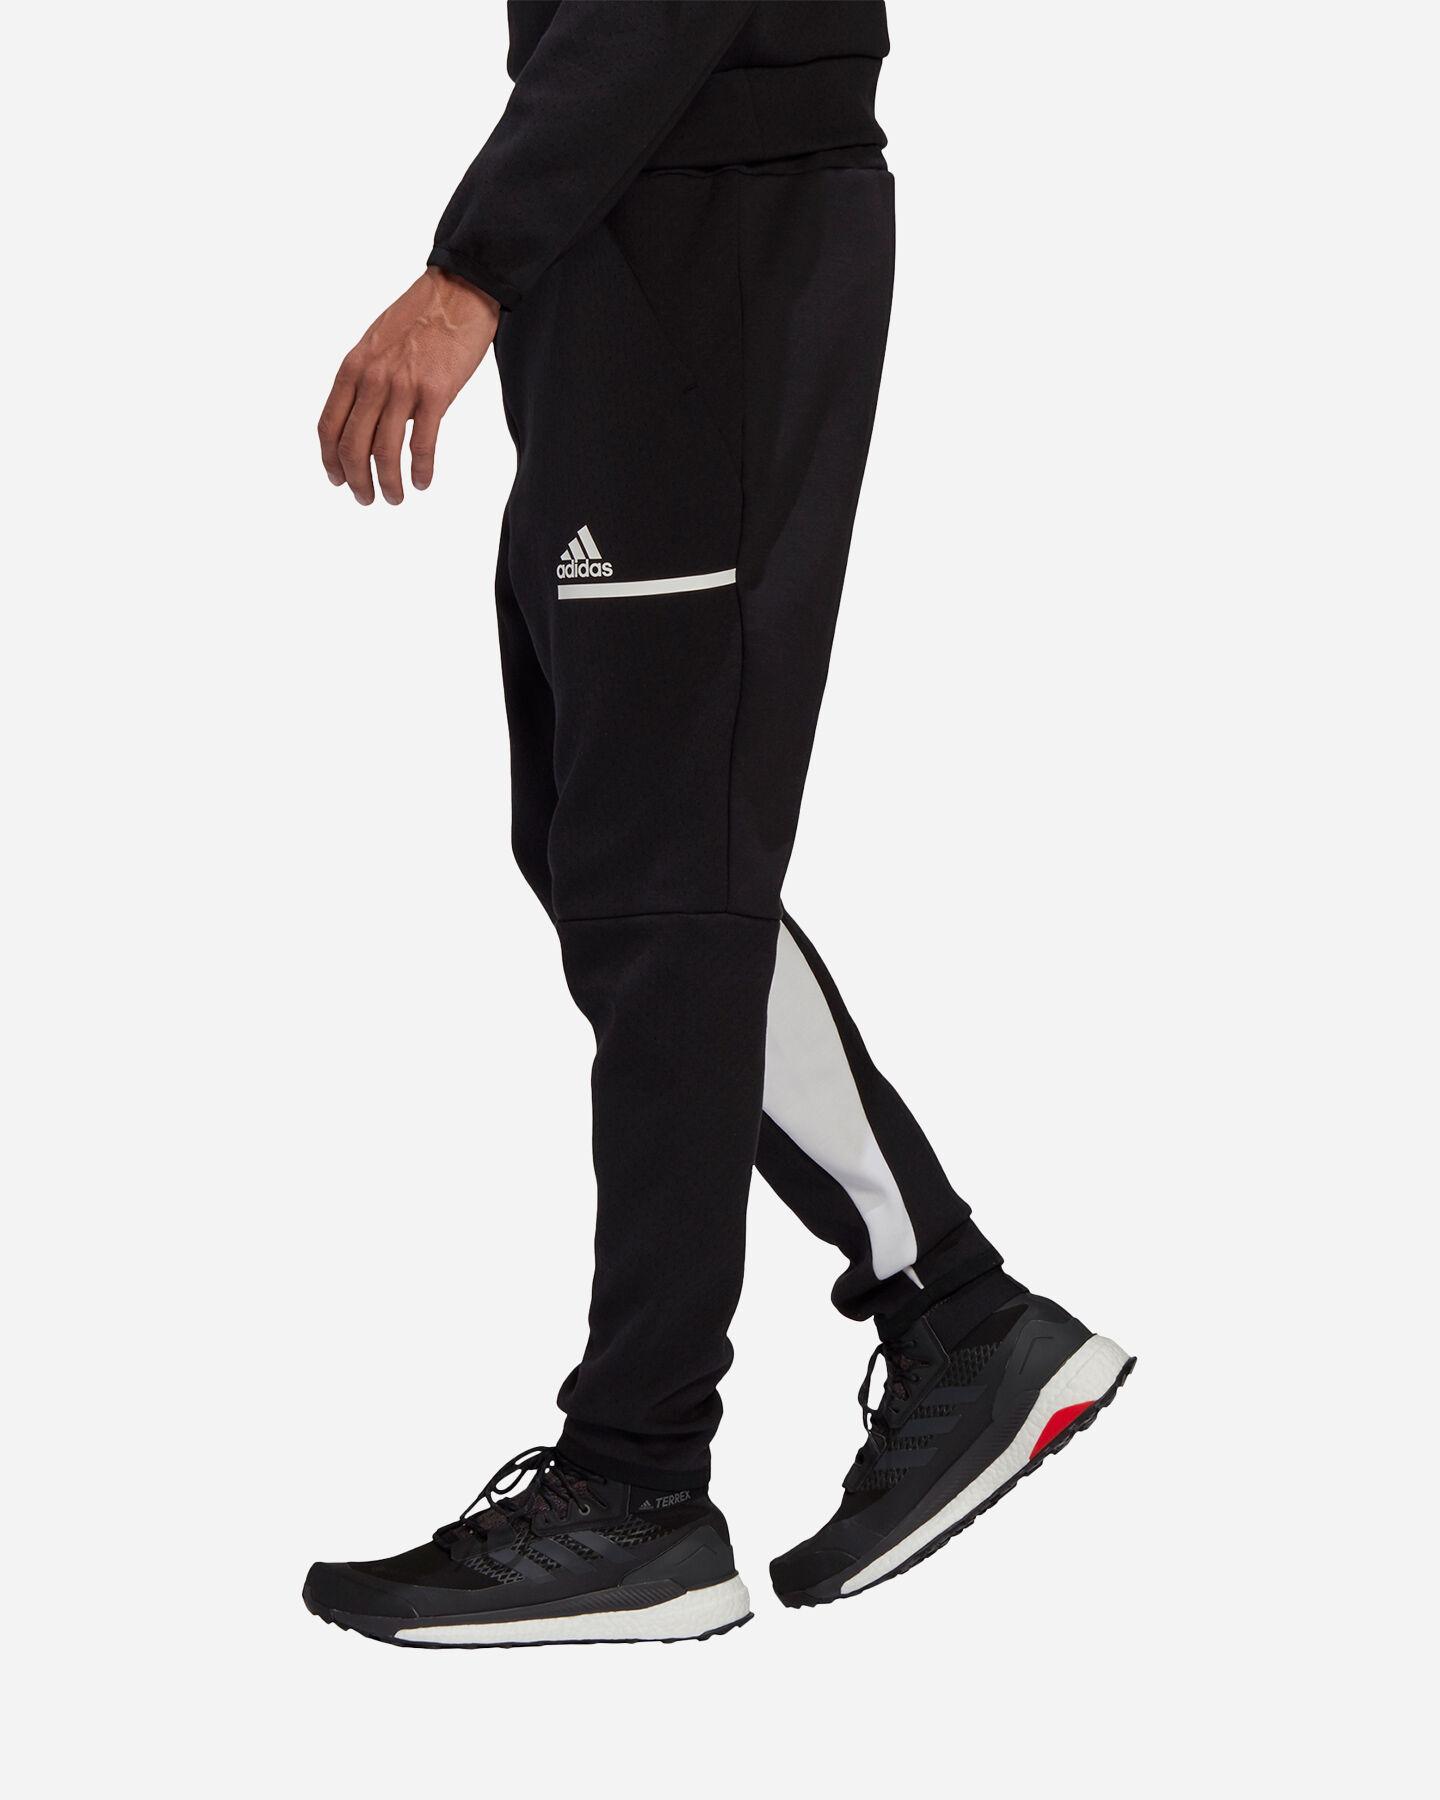 Pantalone ADIDAS ZONE M S5228115 scatto 3